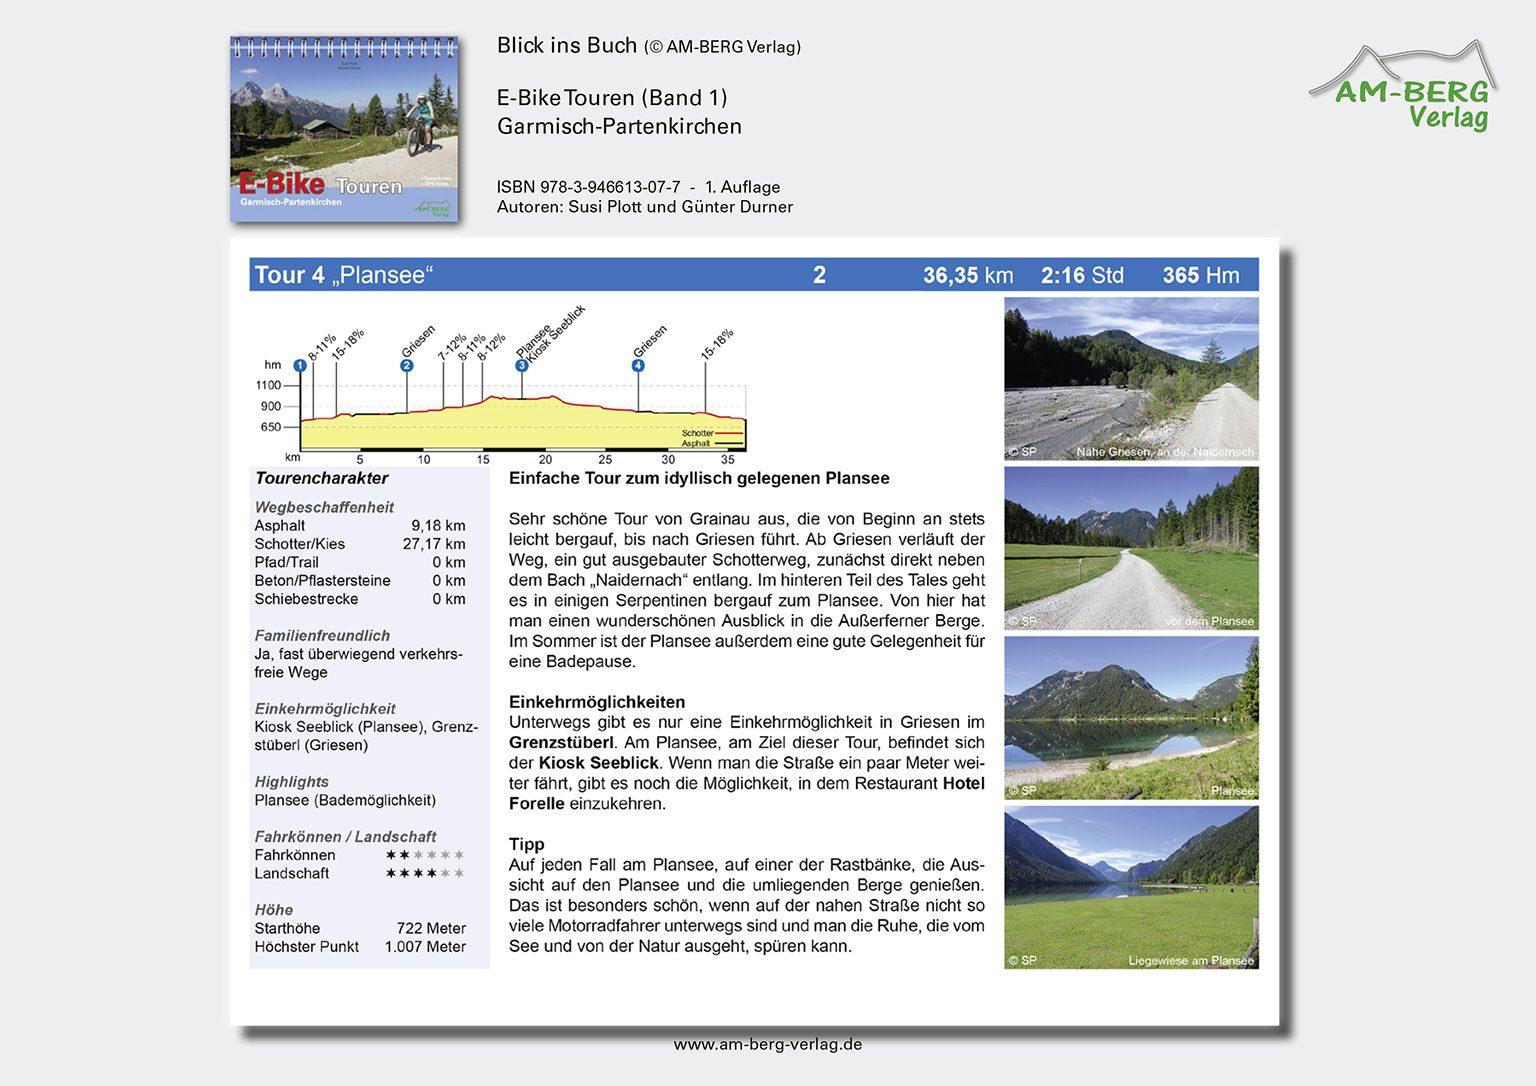 E-Bike Touren Garmisch-Partenkirchen_BlickinsBuch10